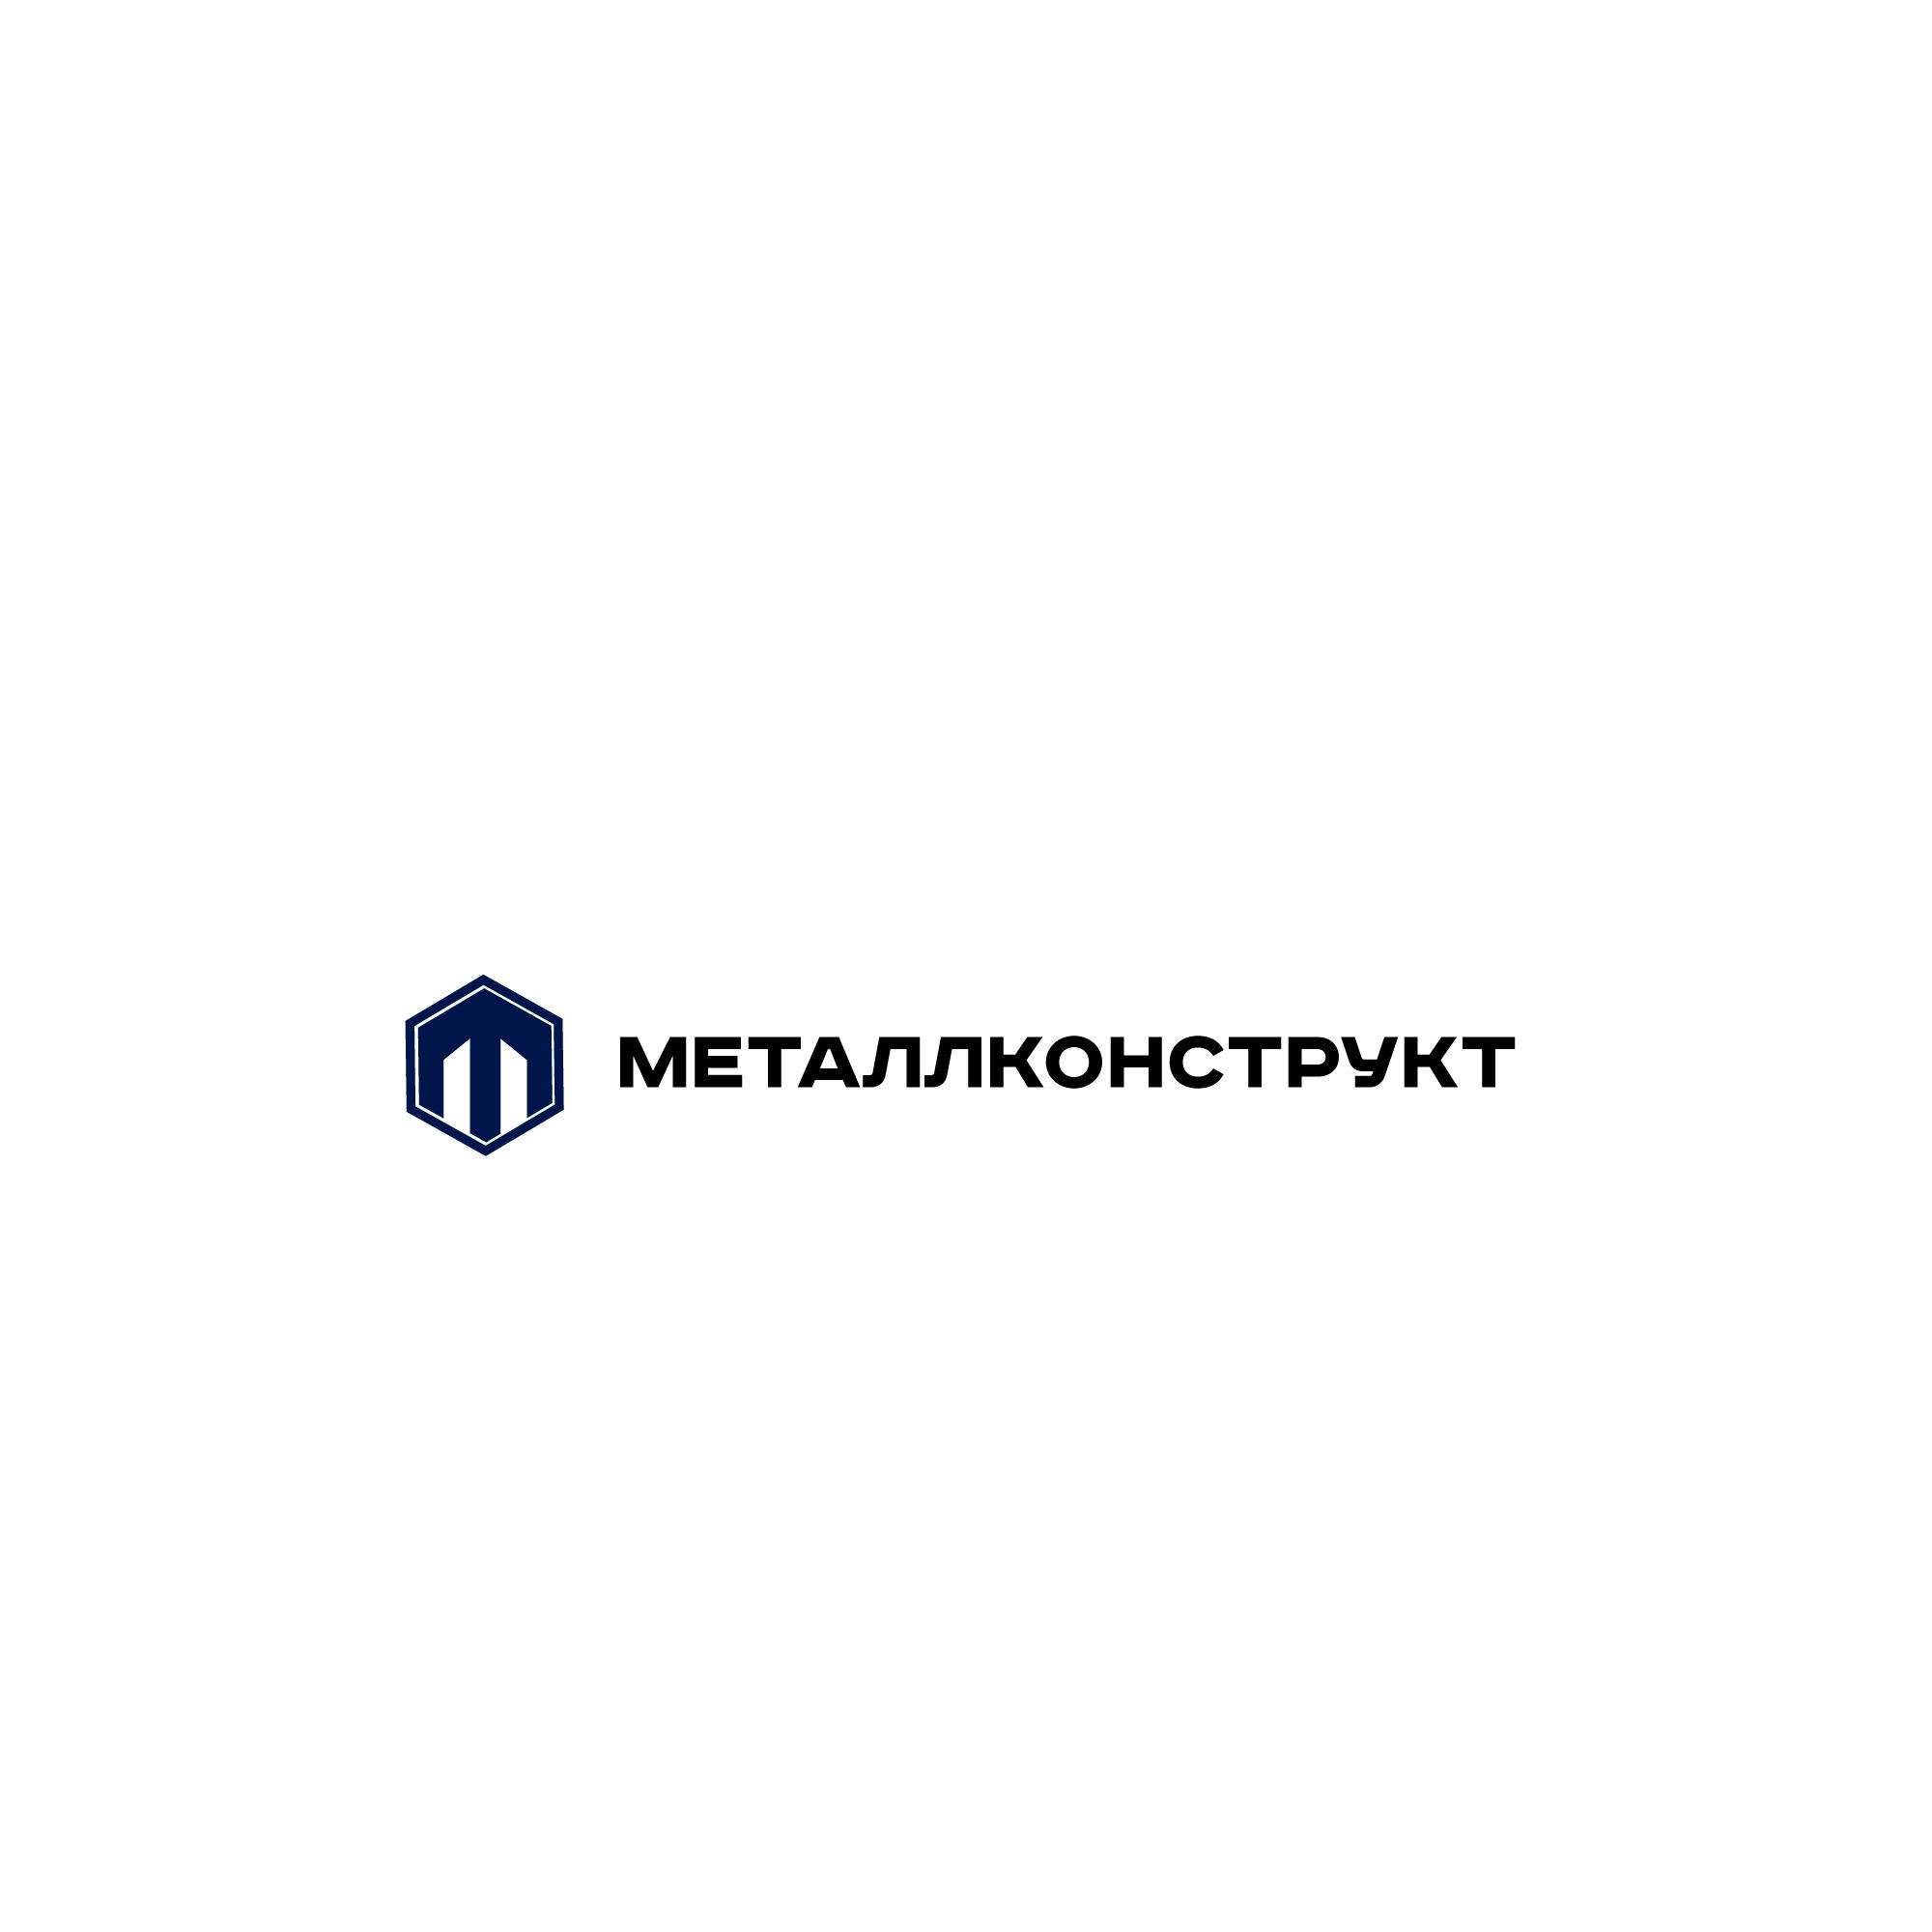 Разработка логотипа и фирменного стиля фото f_7035ad4e98ee7515.jpg